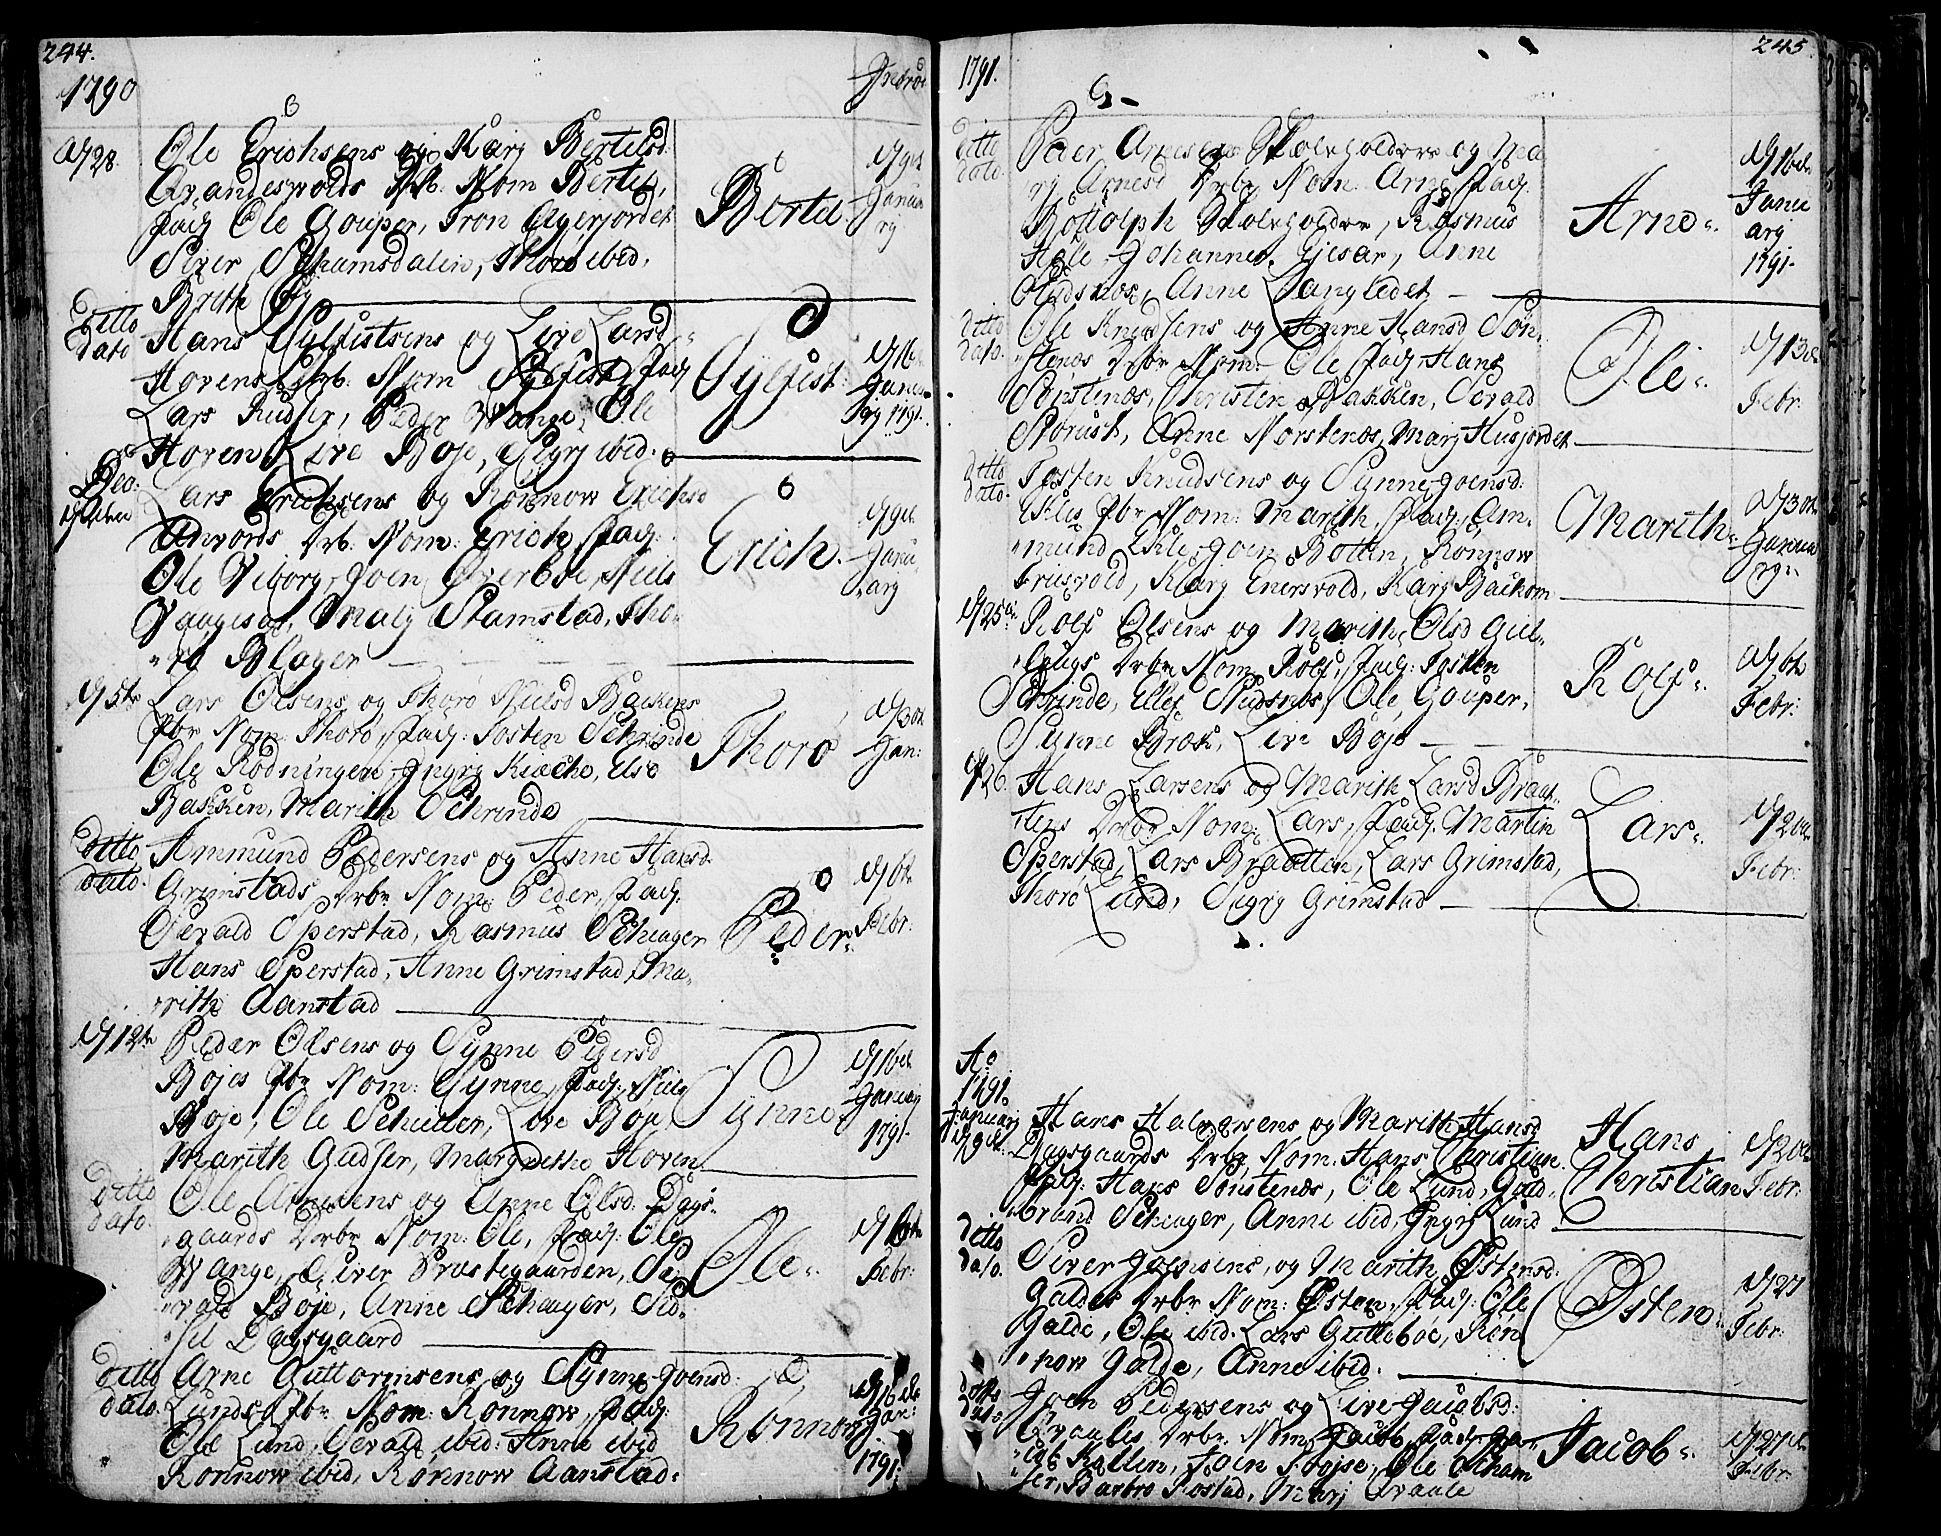 SAH, Lom prestekontor, K/L0002: Ministerialbok nr. 2, 1749-1801, s. 244-245